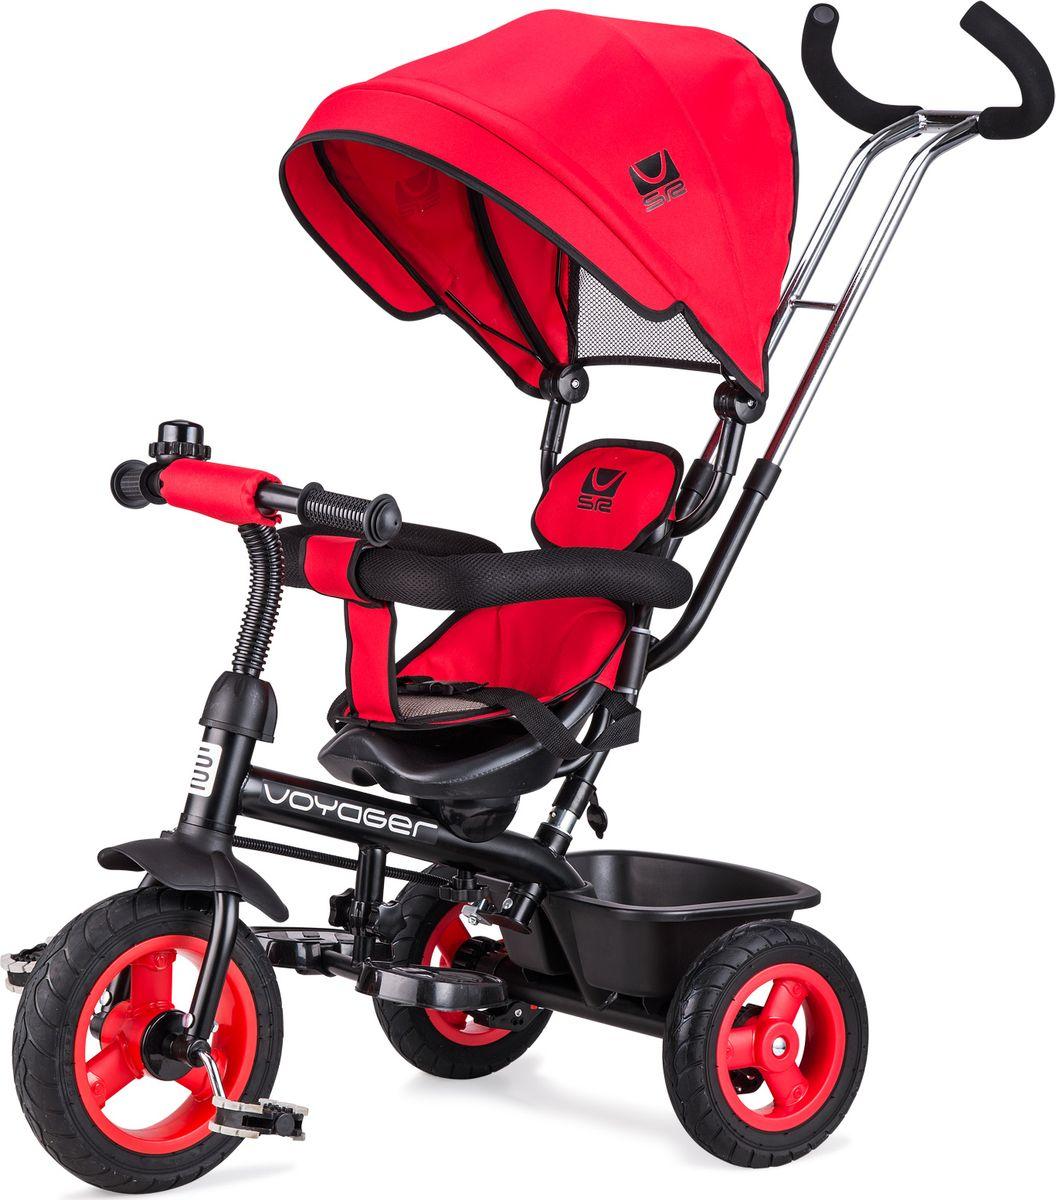 Small Rider Велосипед трехколесный Voyager цвет красный -  Велосипеды-каталки